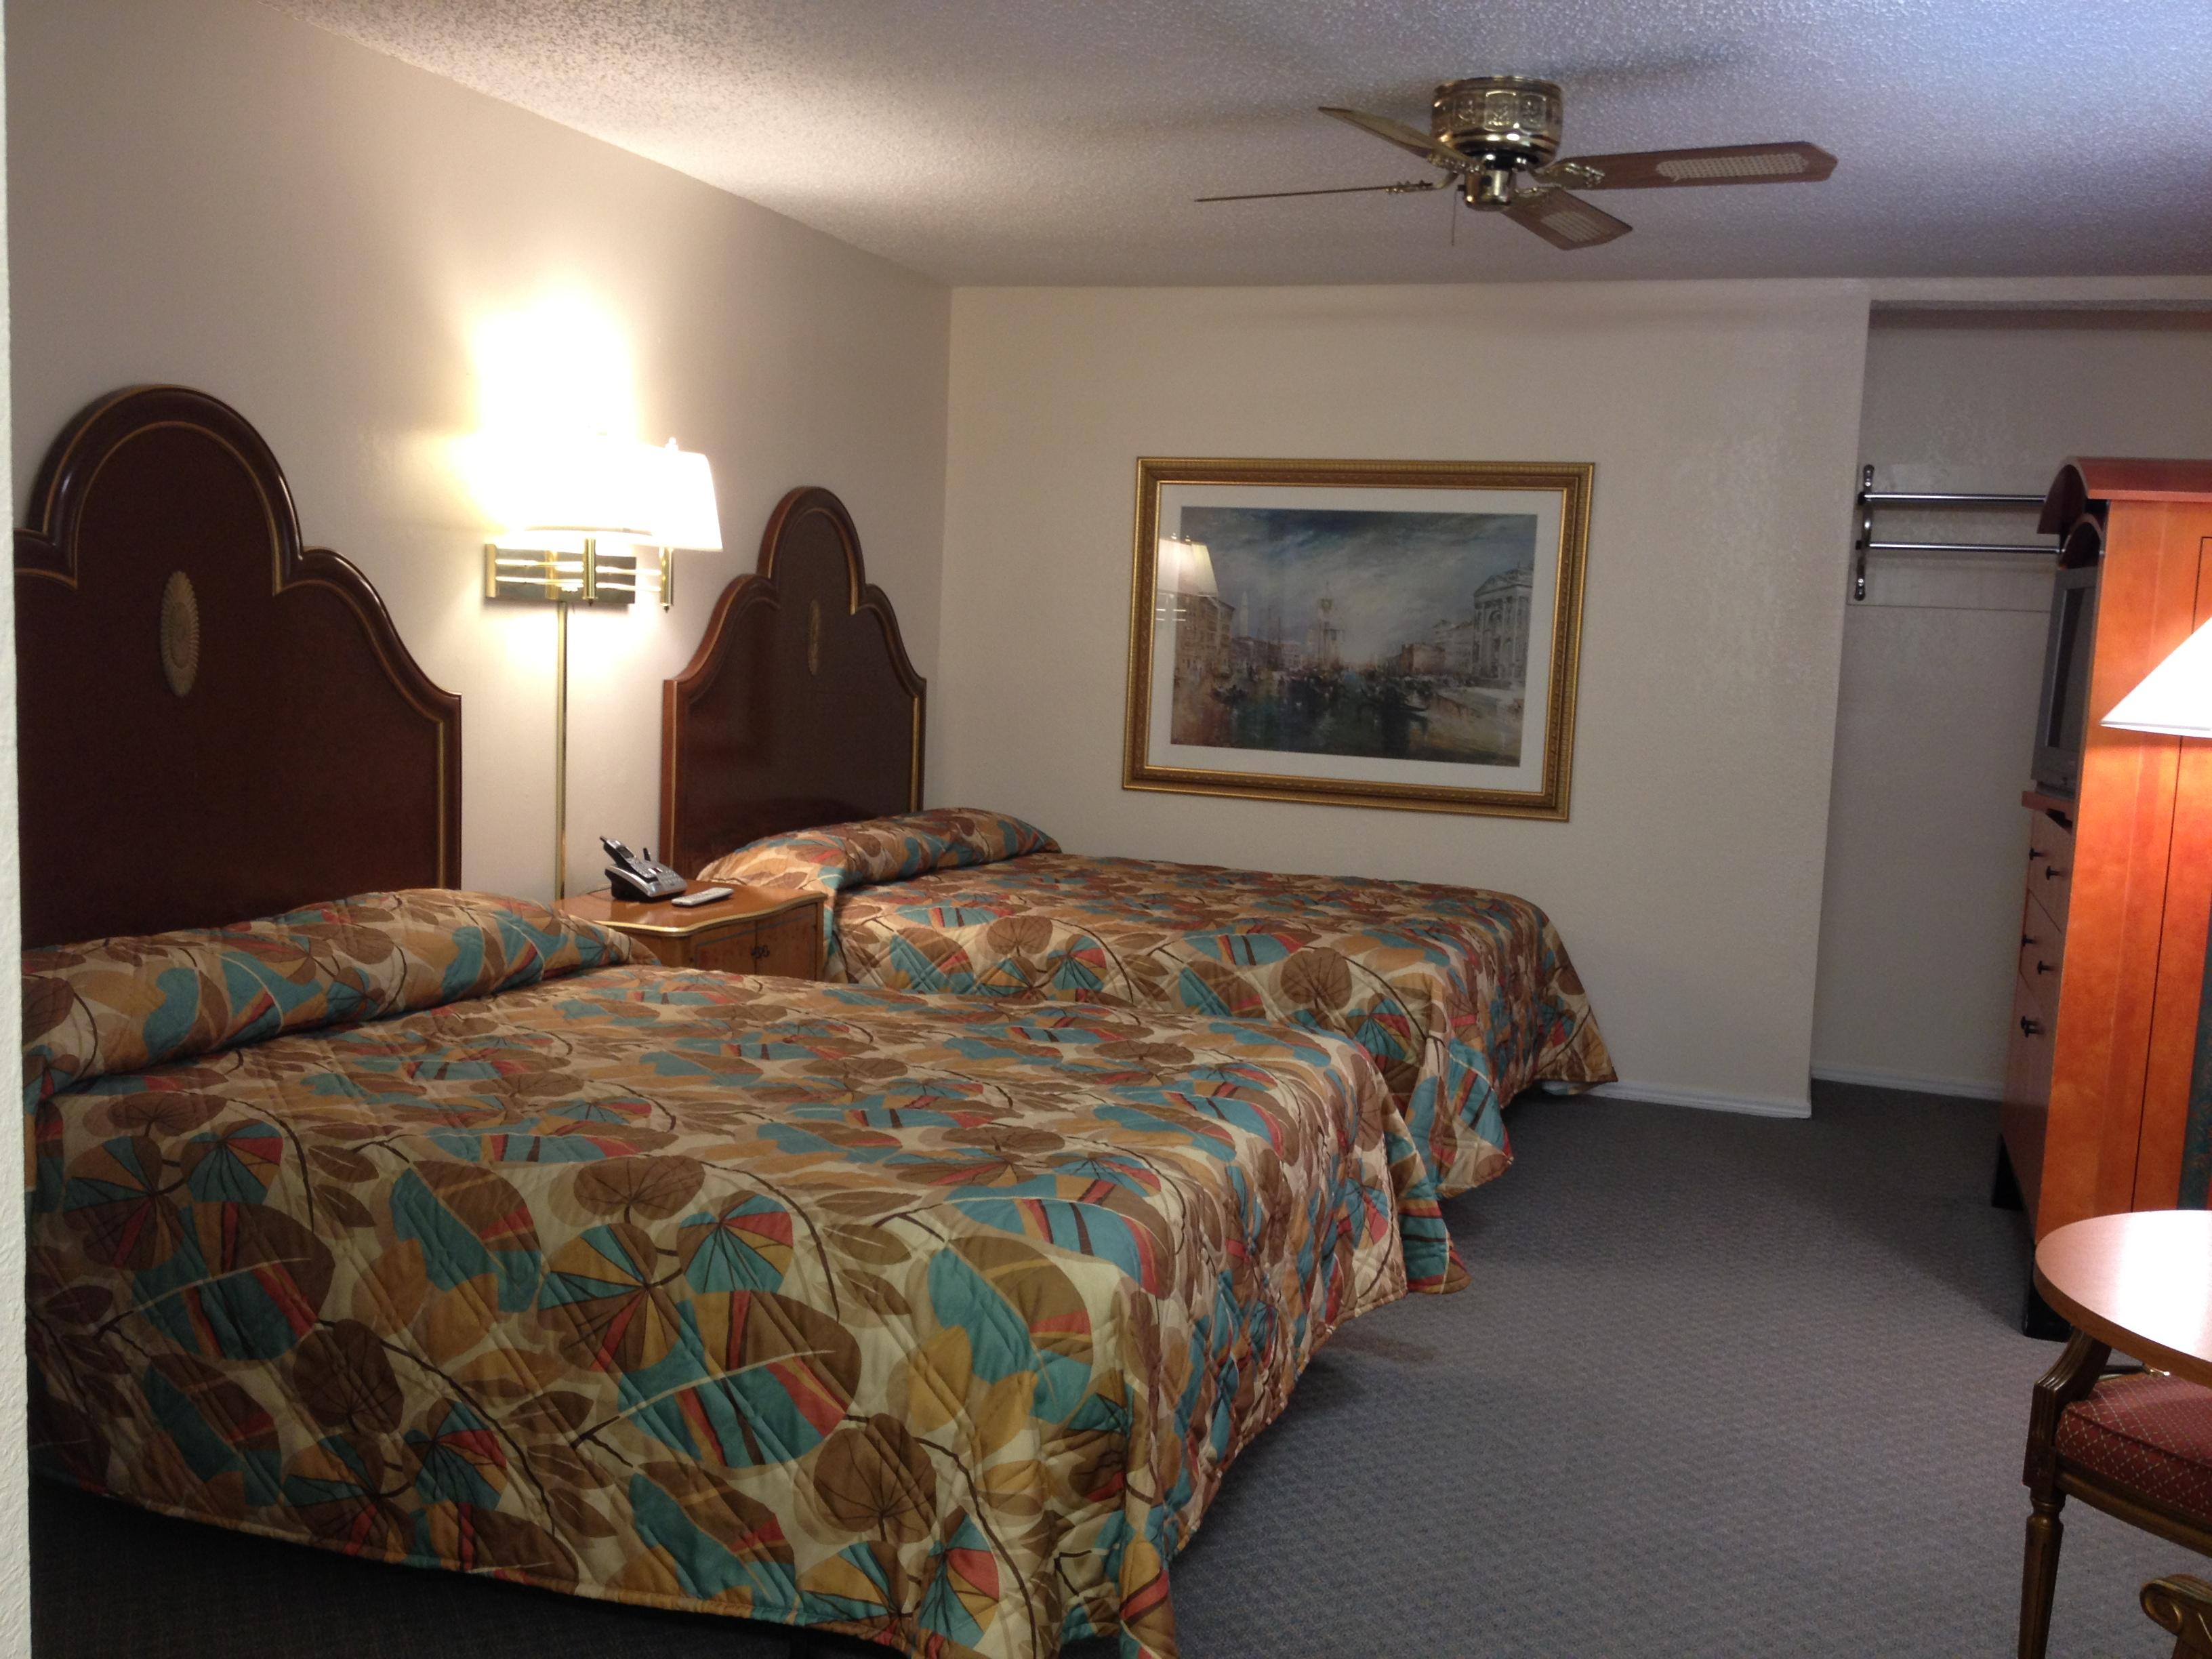 Travelers Inn Motel, Wilburton OK